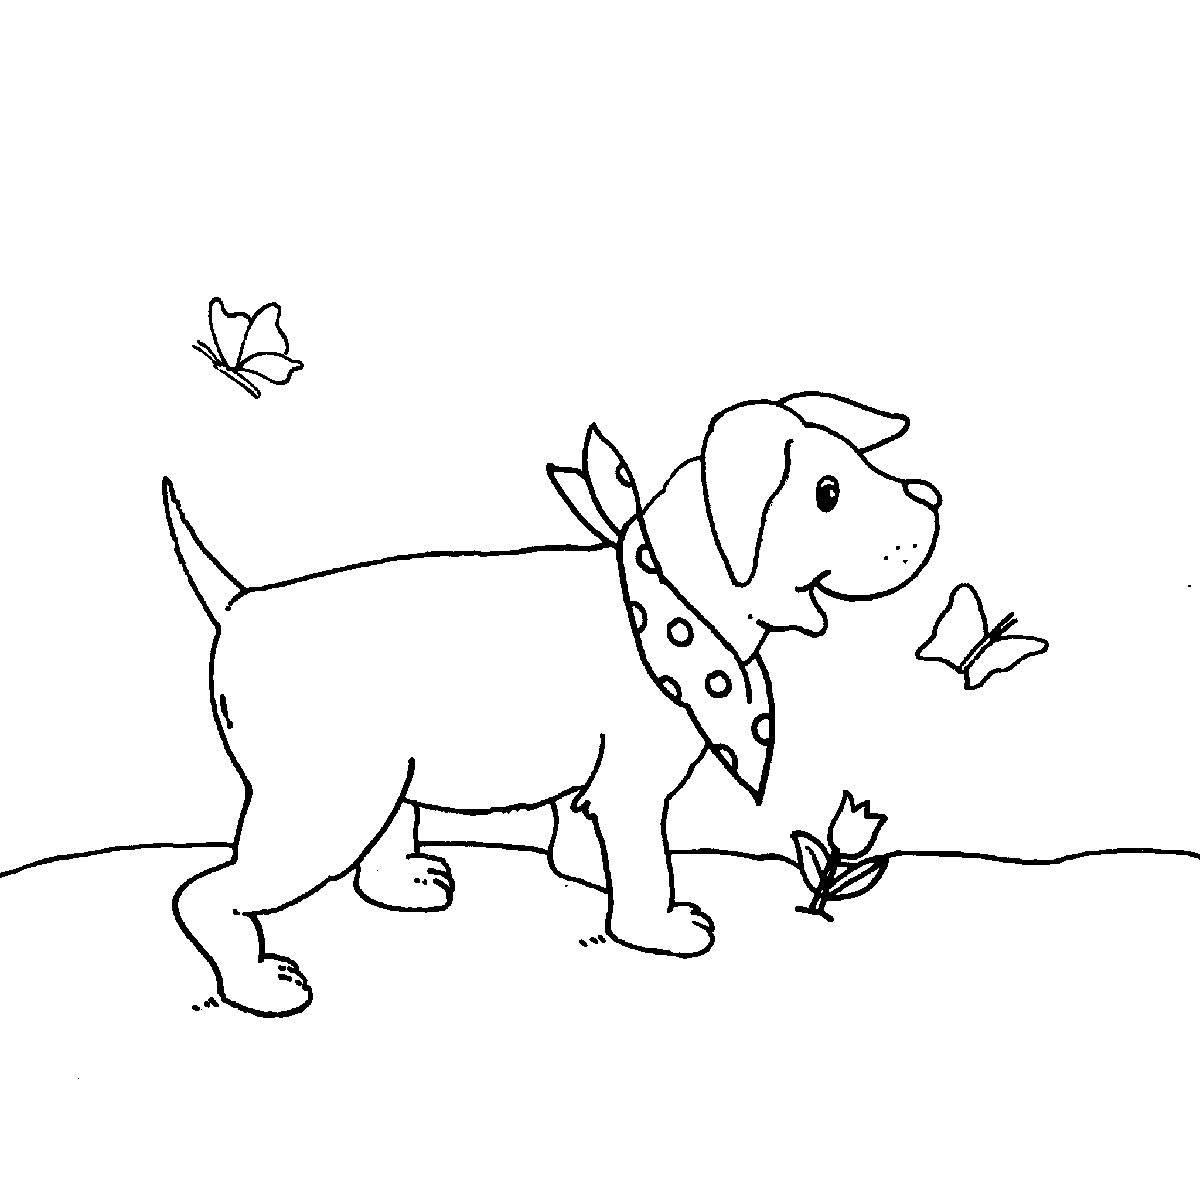 Ausmalbilder Hunde Welpen : Gro Artig Welpen Malvorlagen Zum Ausdrucken Galerie Malvorlagen